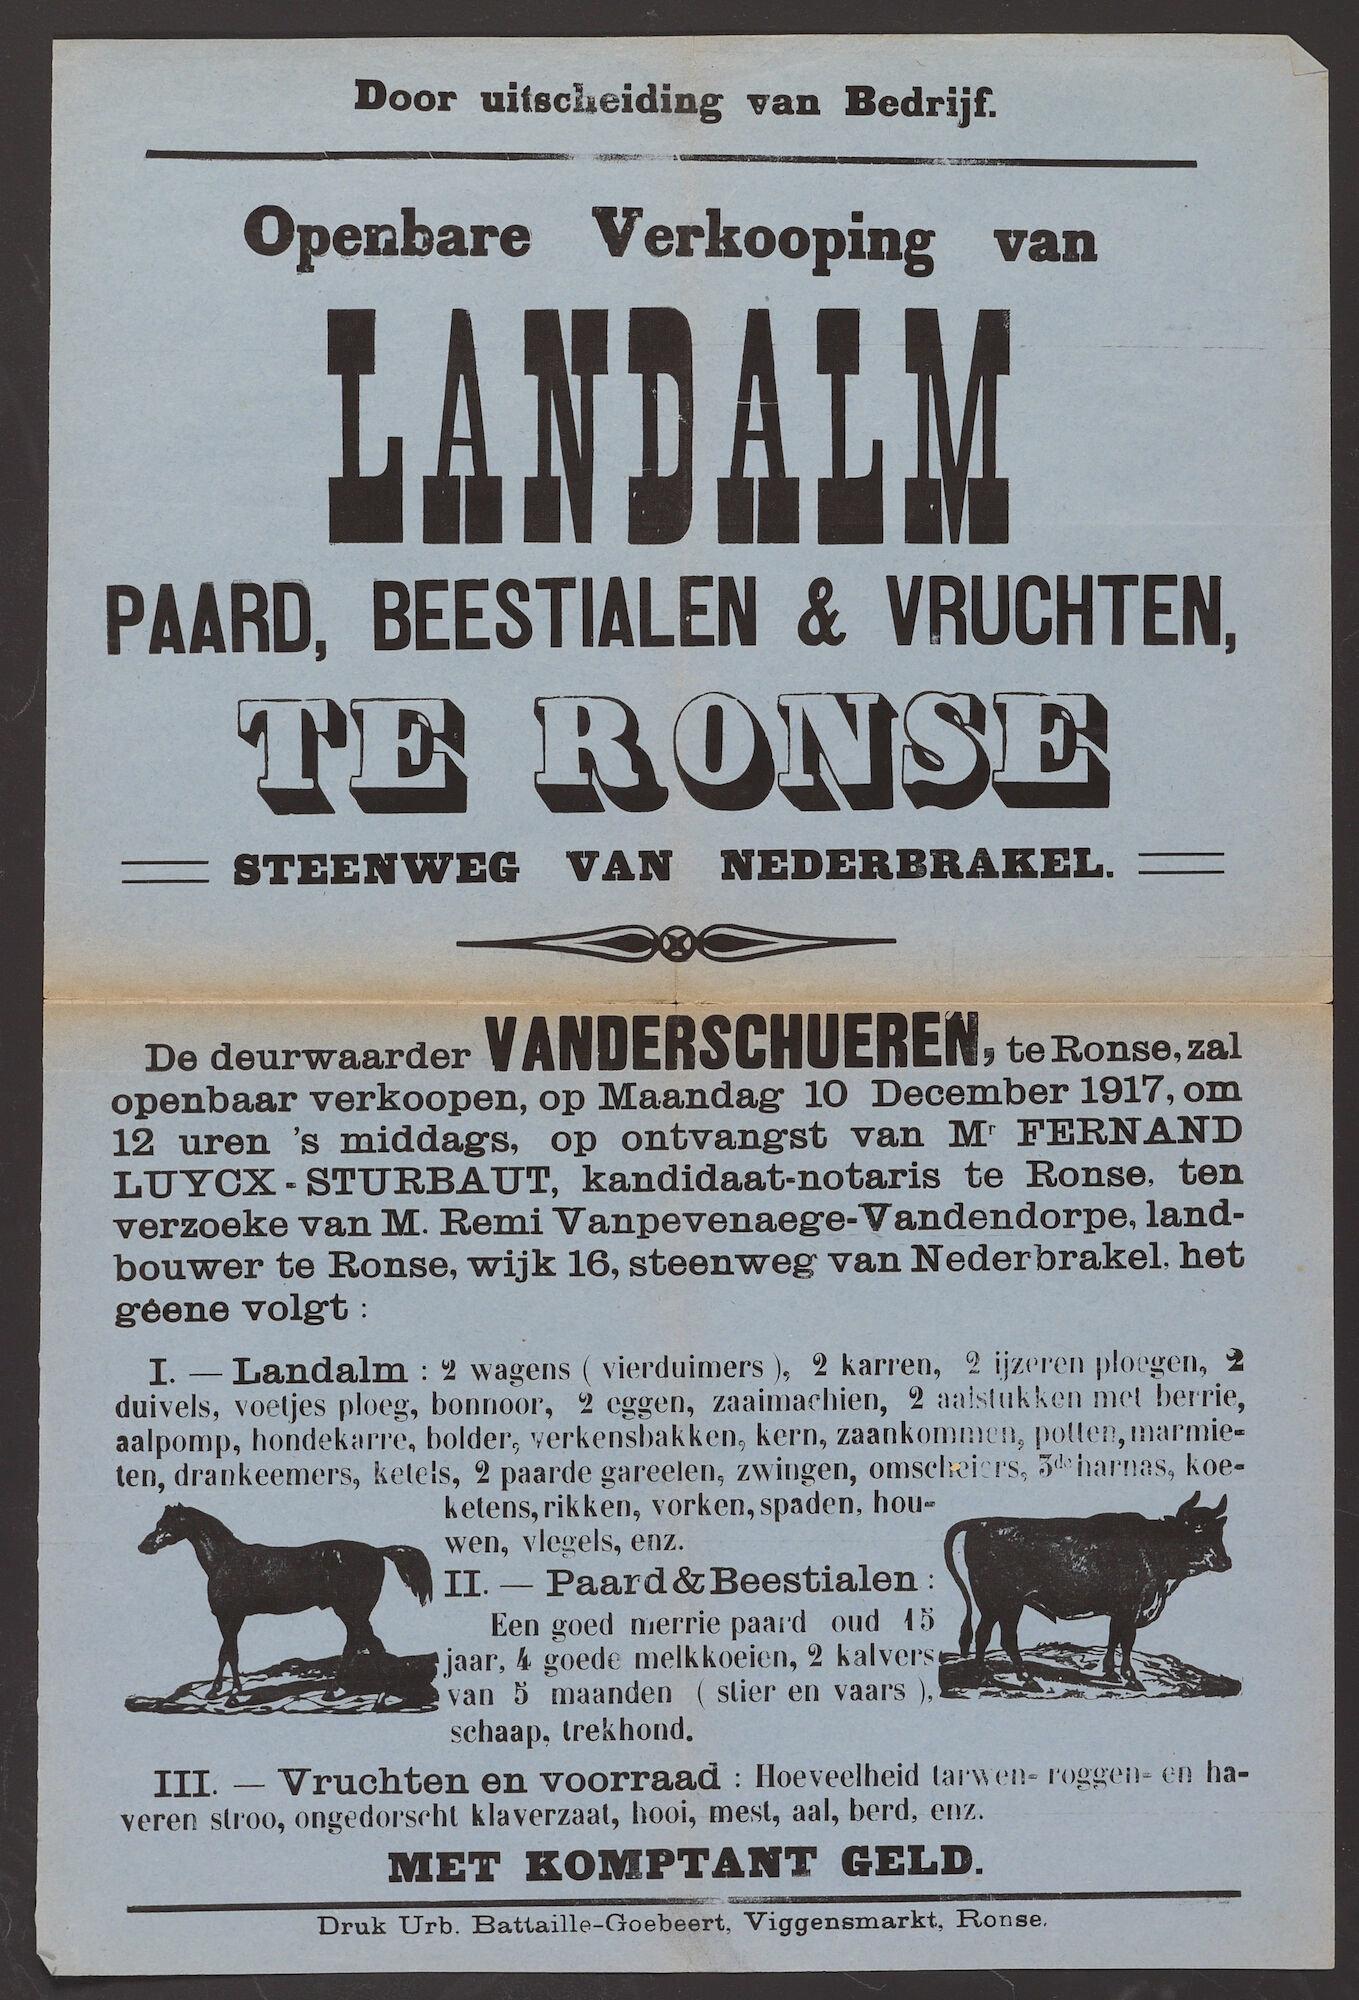 Affiche met aankondiging voor openbare verkoop van lanbouwwerktuigen, dieren en vruchten